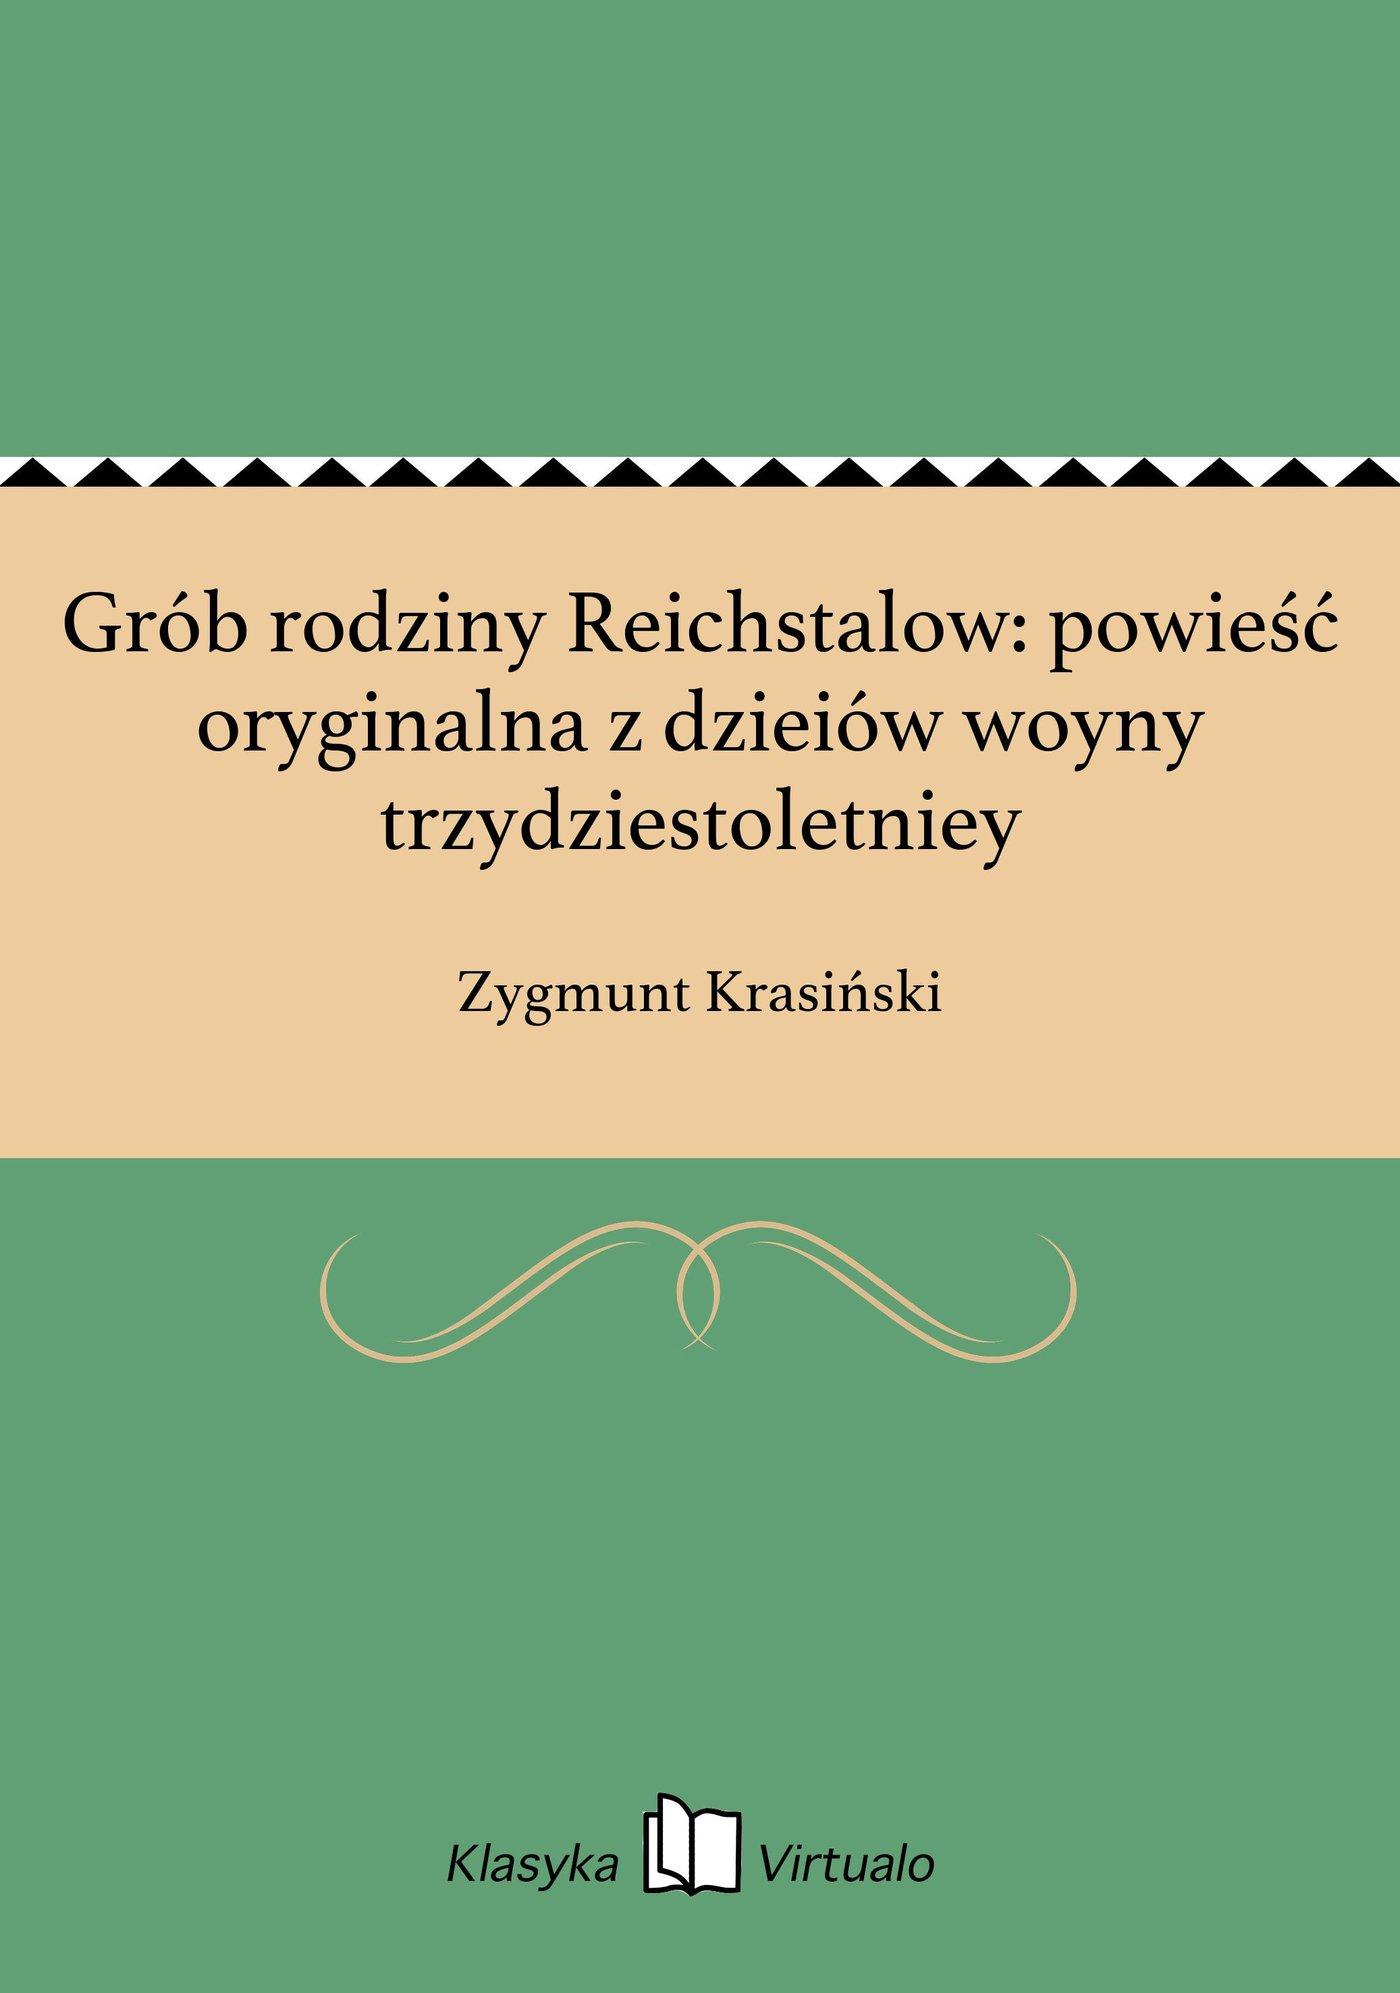 Grób rodziny Reichstalow: powieść oryginalna z dzieiów woyny trzydziestoletniey - Ebook (Książka EPUB) do pobrania w formacie EPUB